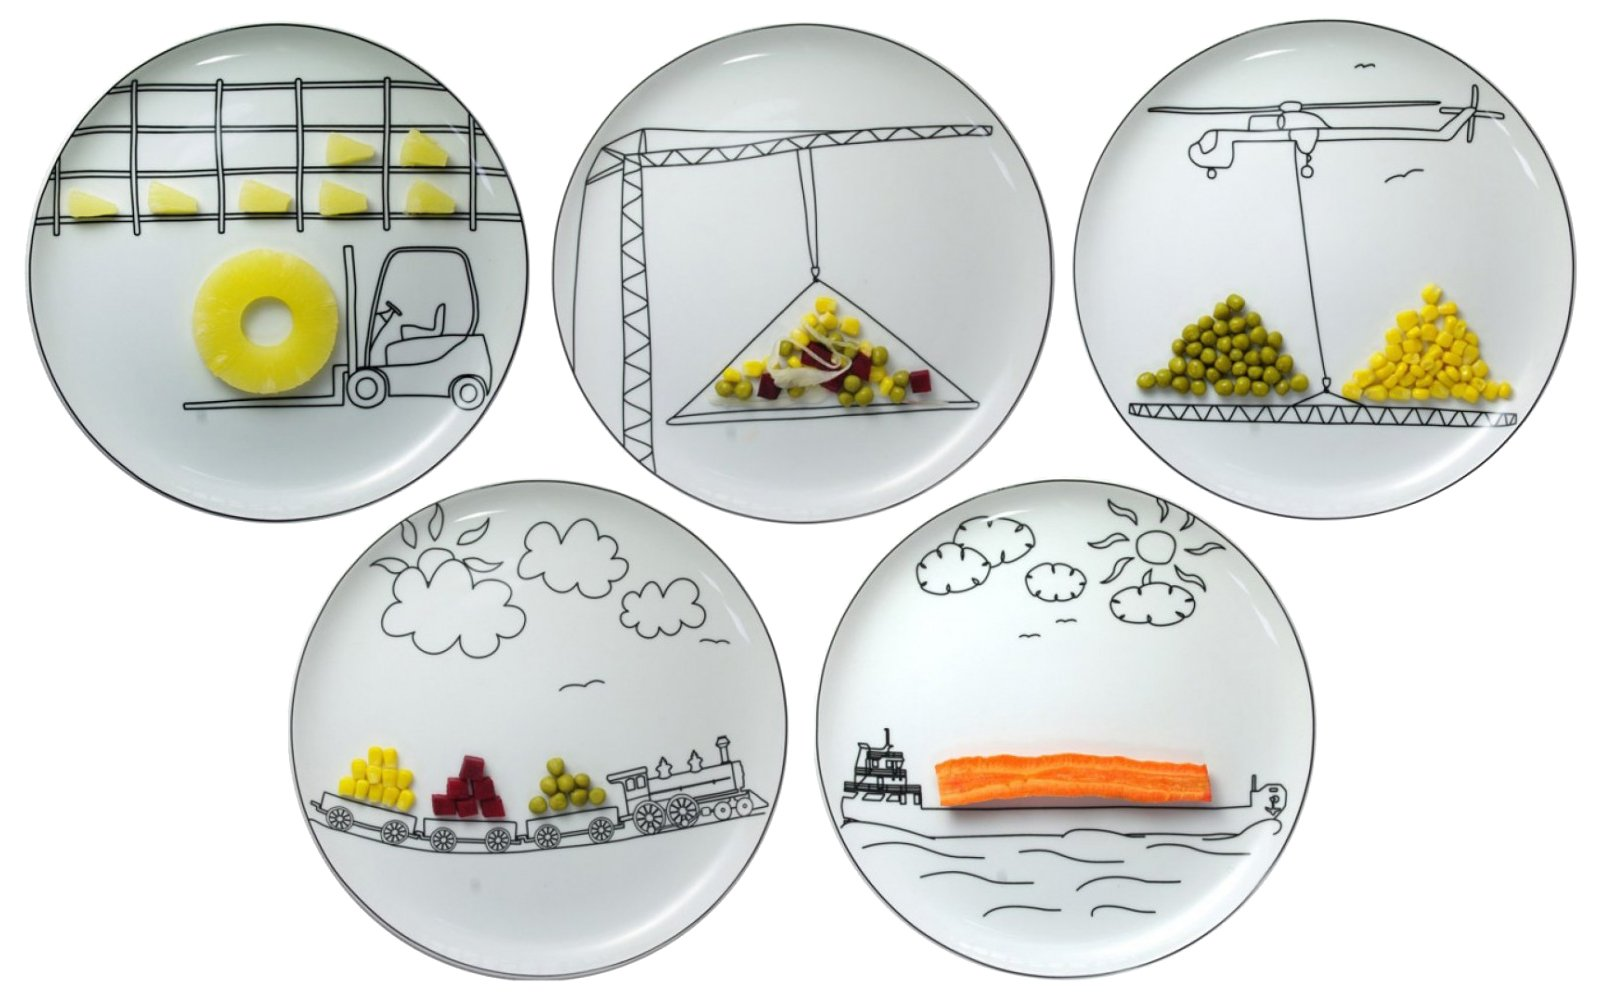 Piatti In Ceramica Per Bambini.Piatti Colorati O Decorati Per Fare Bella La Tavola Cose